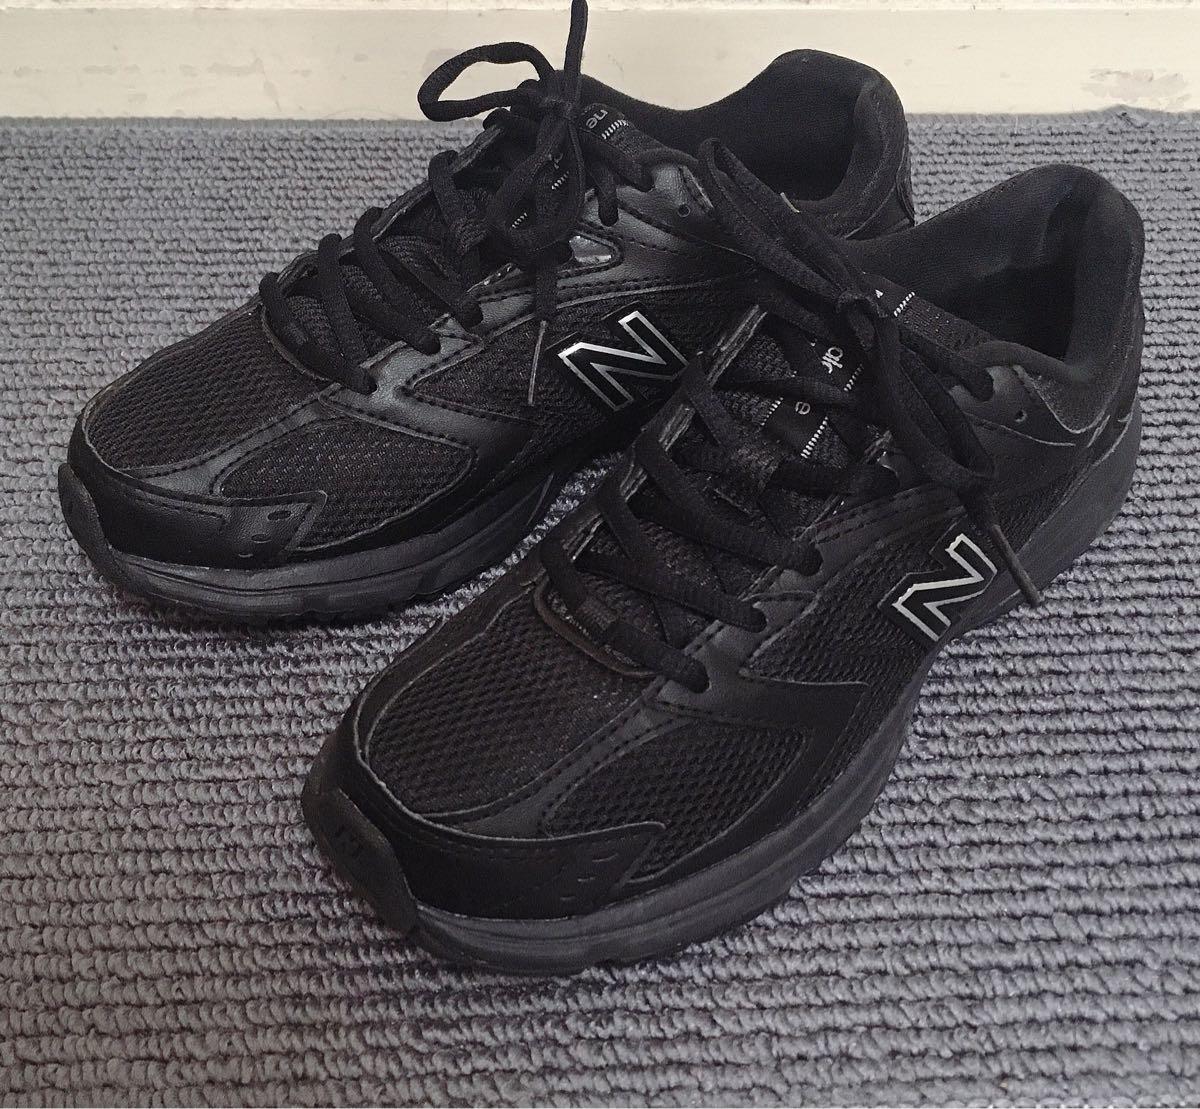 【極美品】NEW BALANCE 413 スニーカー 黒 24.5/ニューバランス_画像2